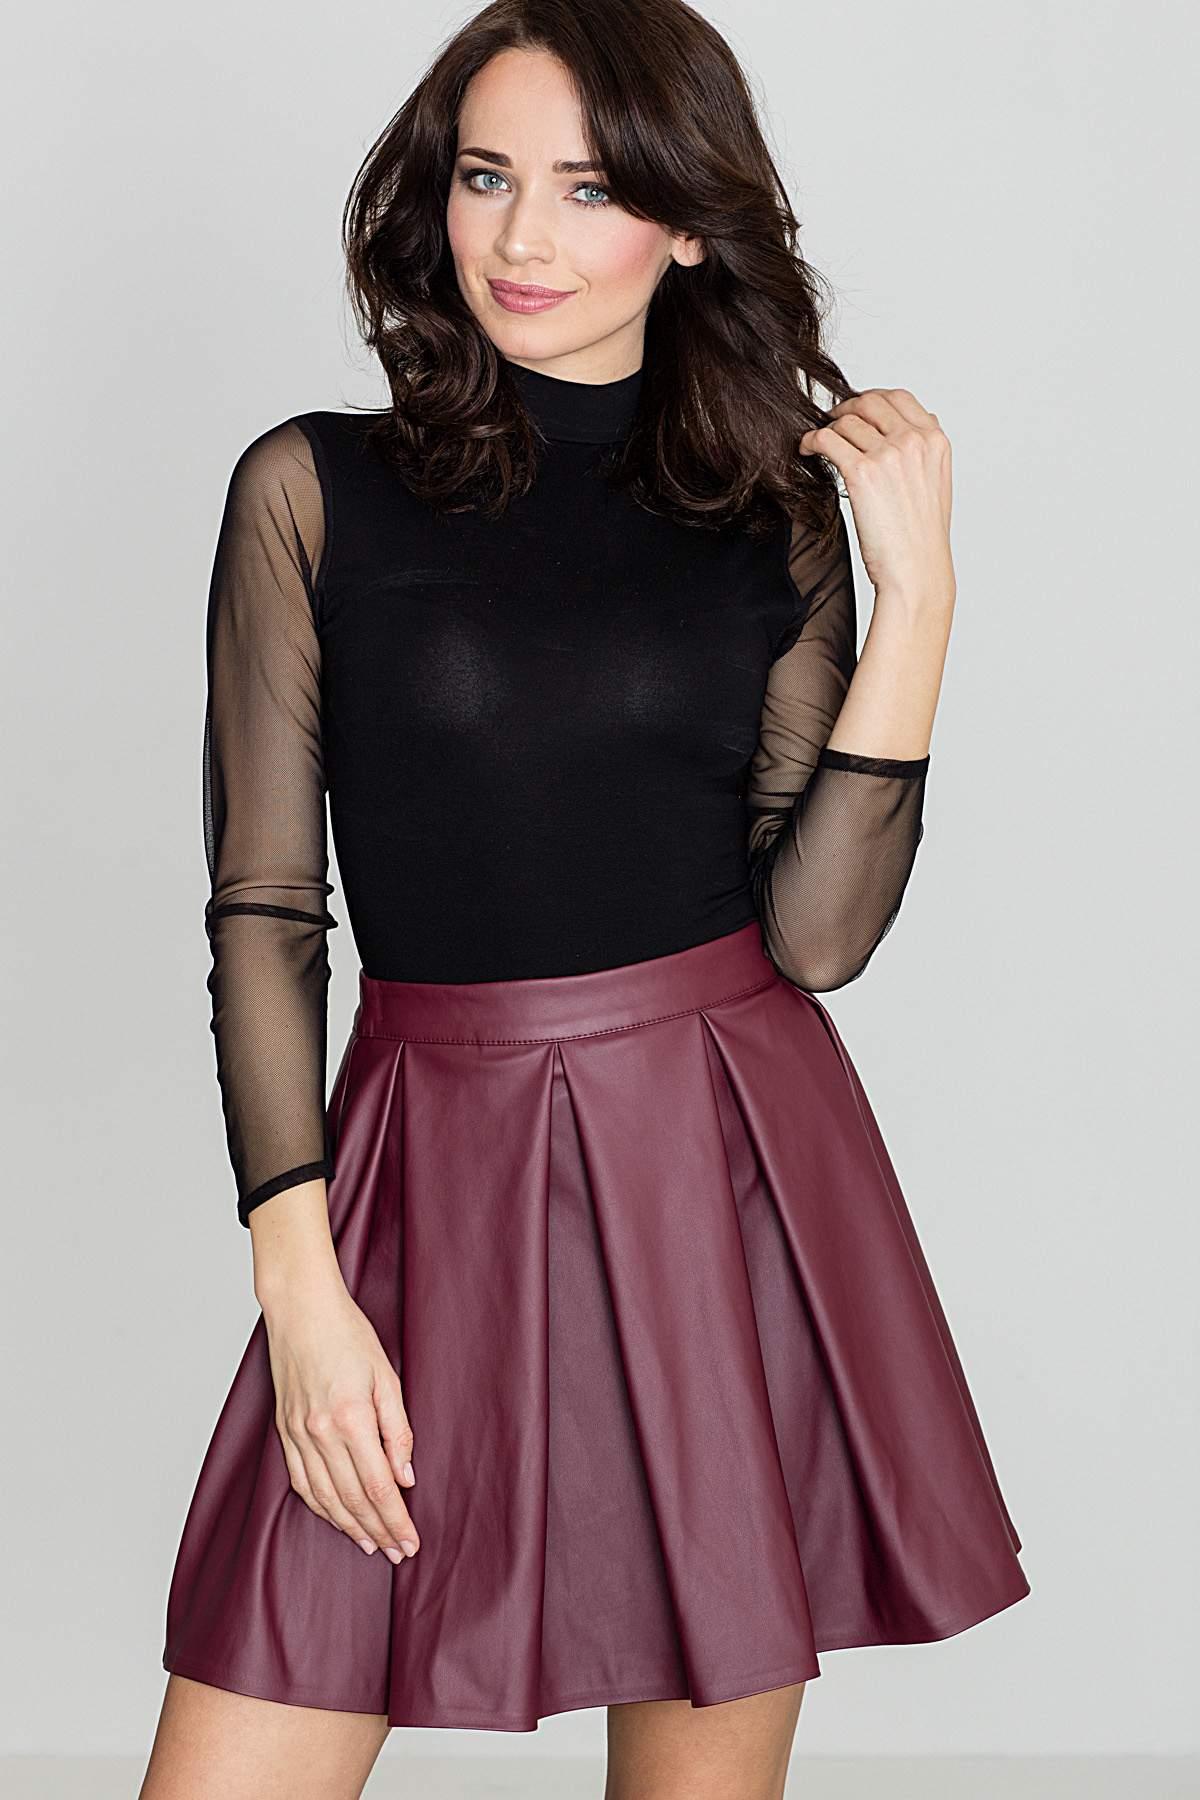 Γυναικεία   Ρούχα   Φούστες   Φούστα κοντή κολλητή σε μαύρο ... bed80fcc123